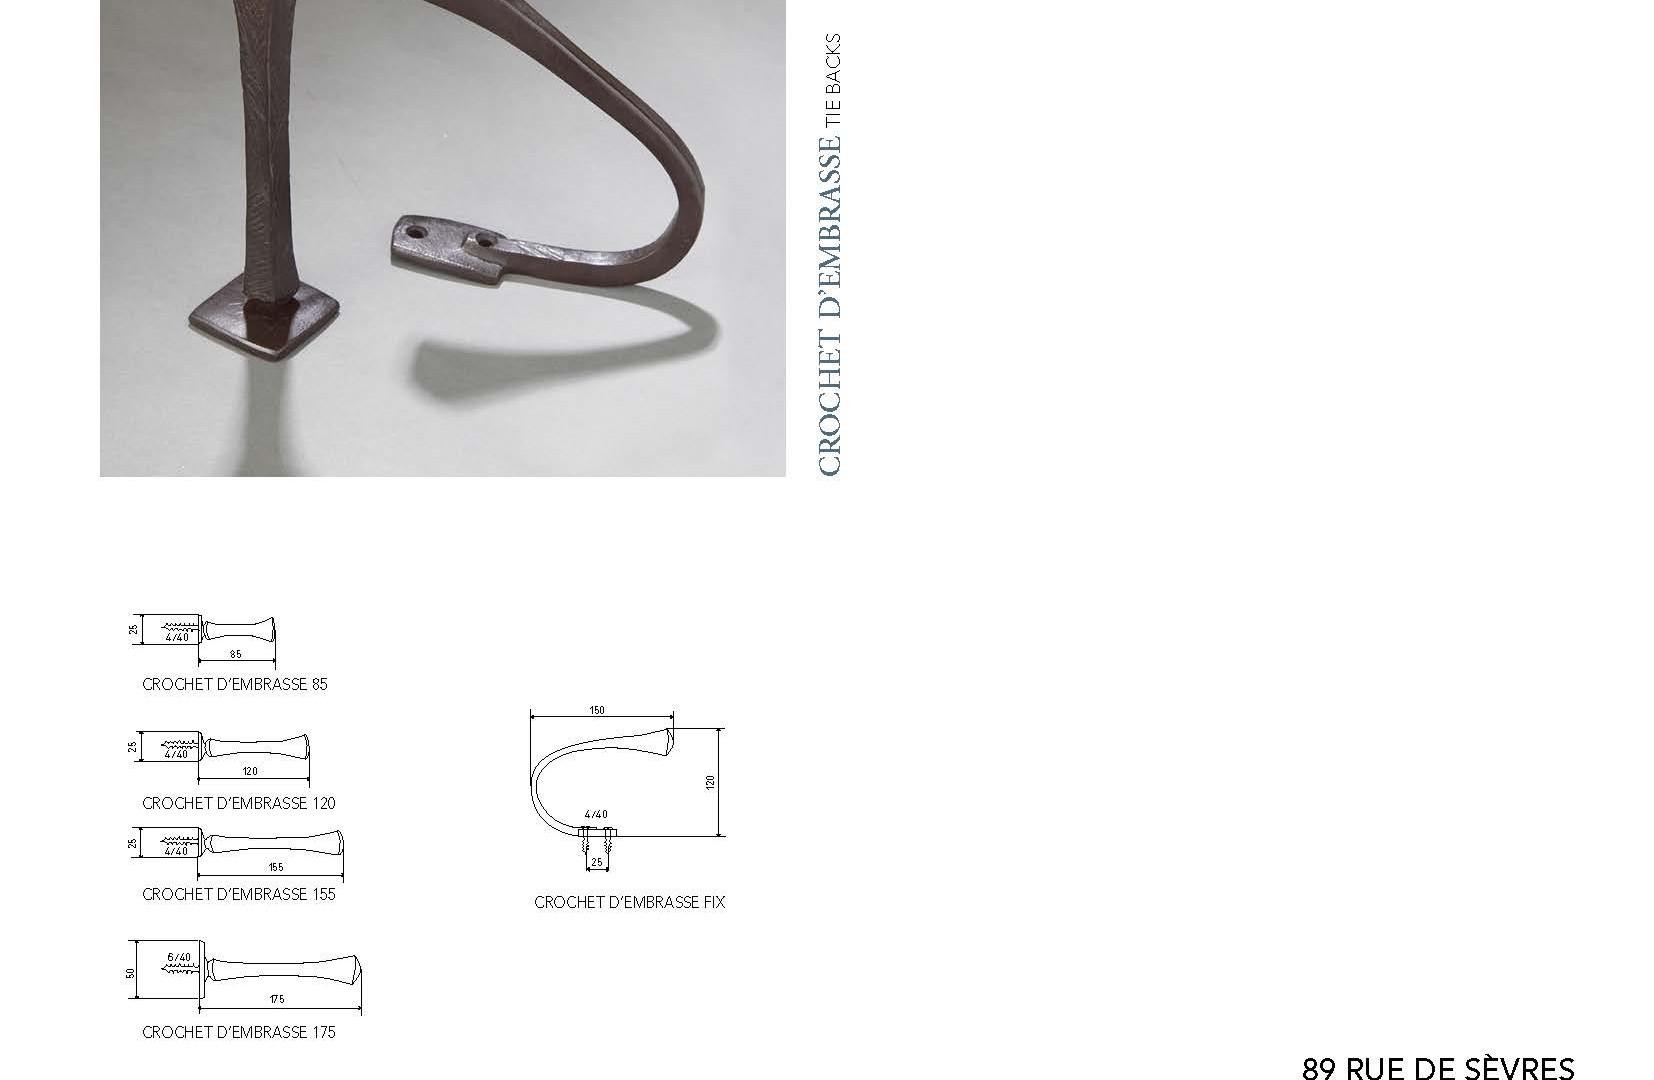 2021 Furniture catelogue_Page_12.jpg